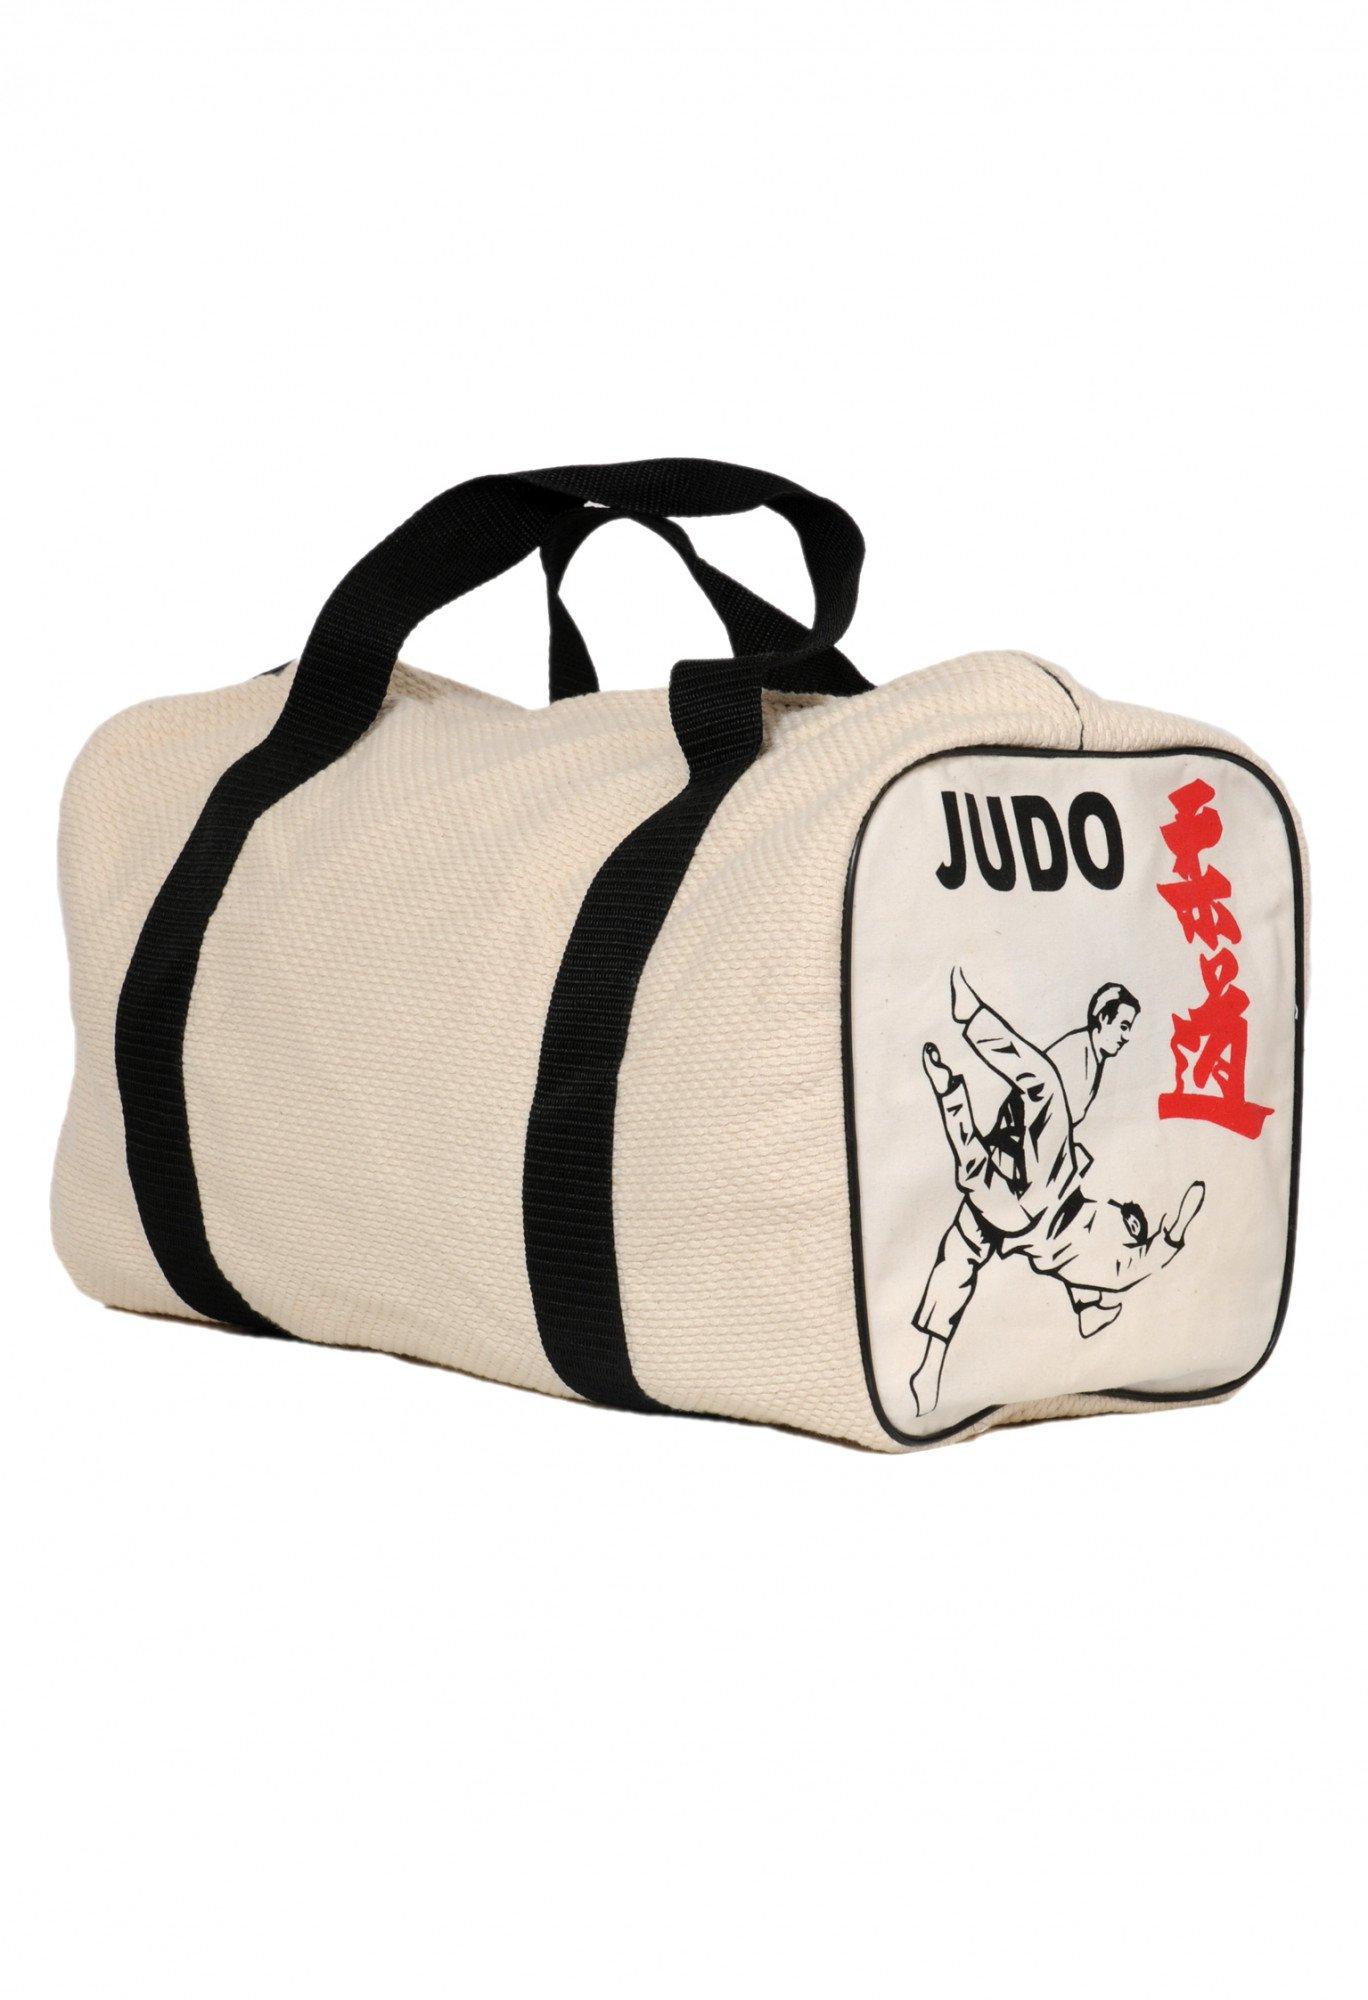 Judo De Sport Enfant Riz Sac Grain Coton gYfb76y